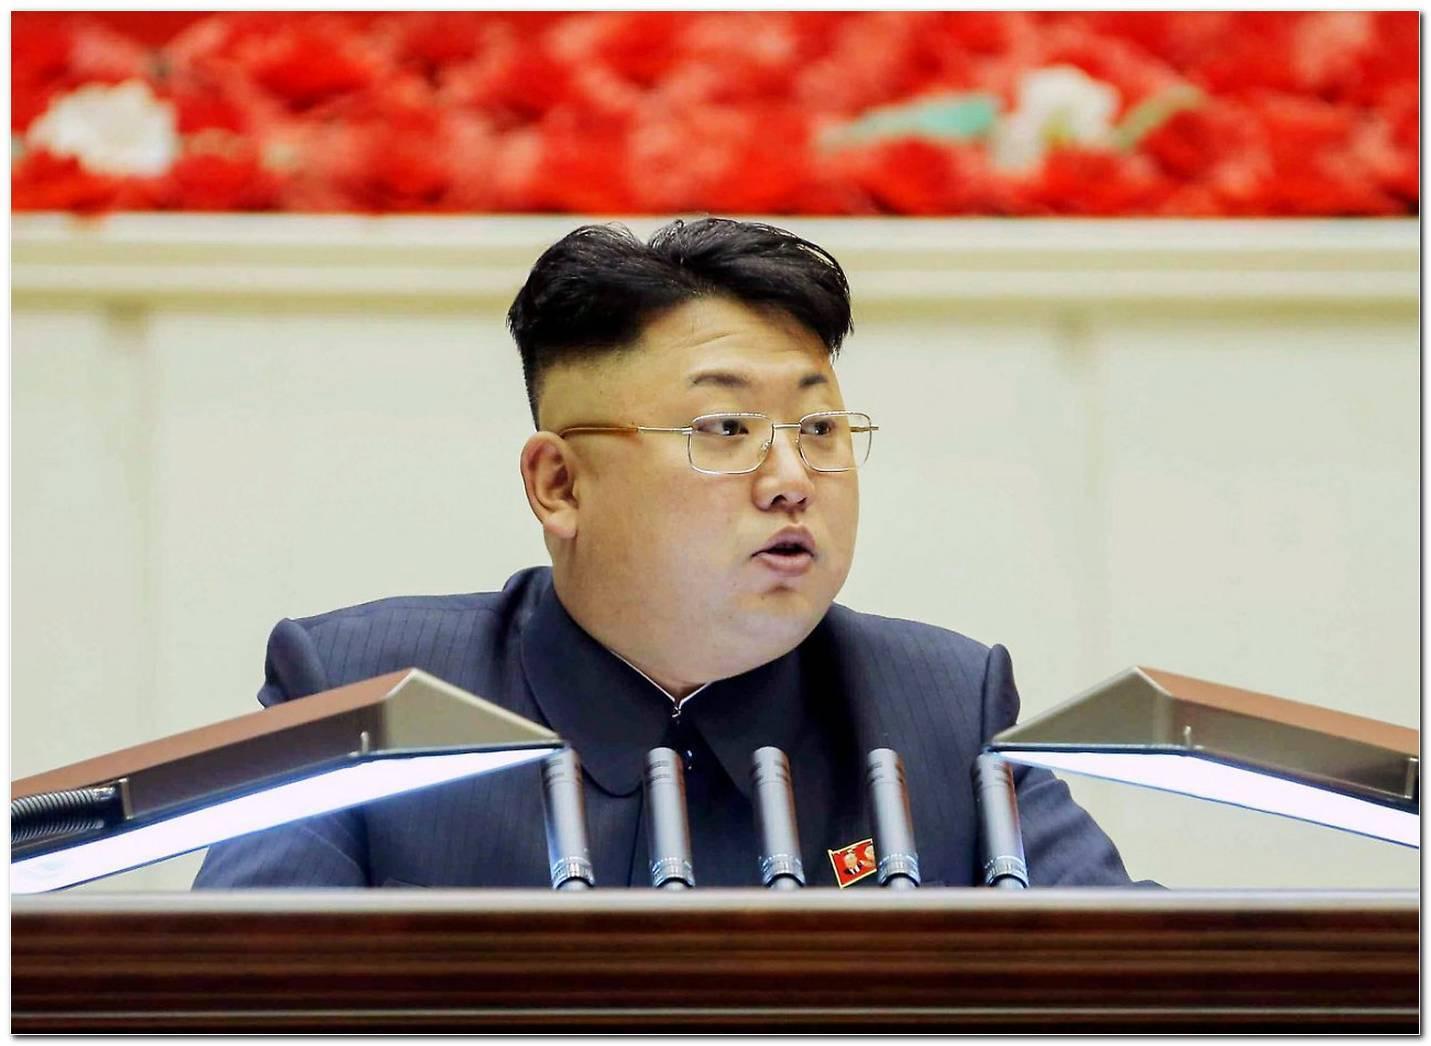 Kim Jong Un Frisur